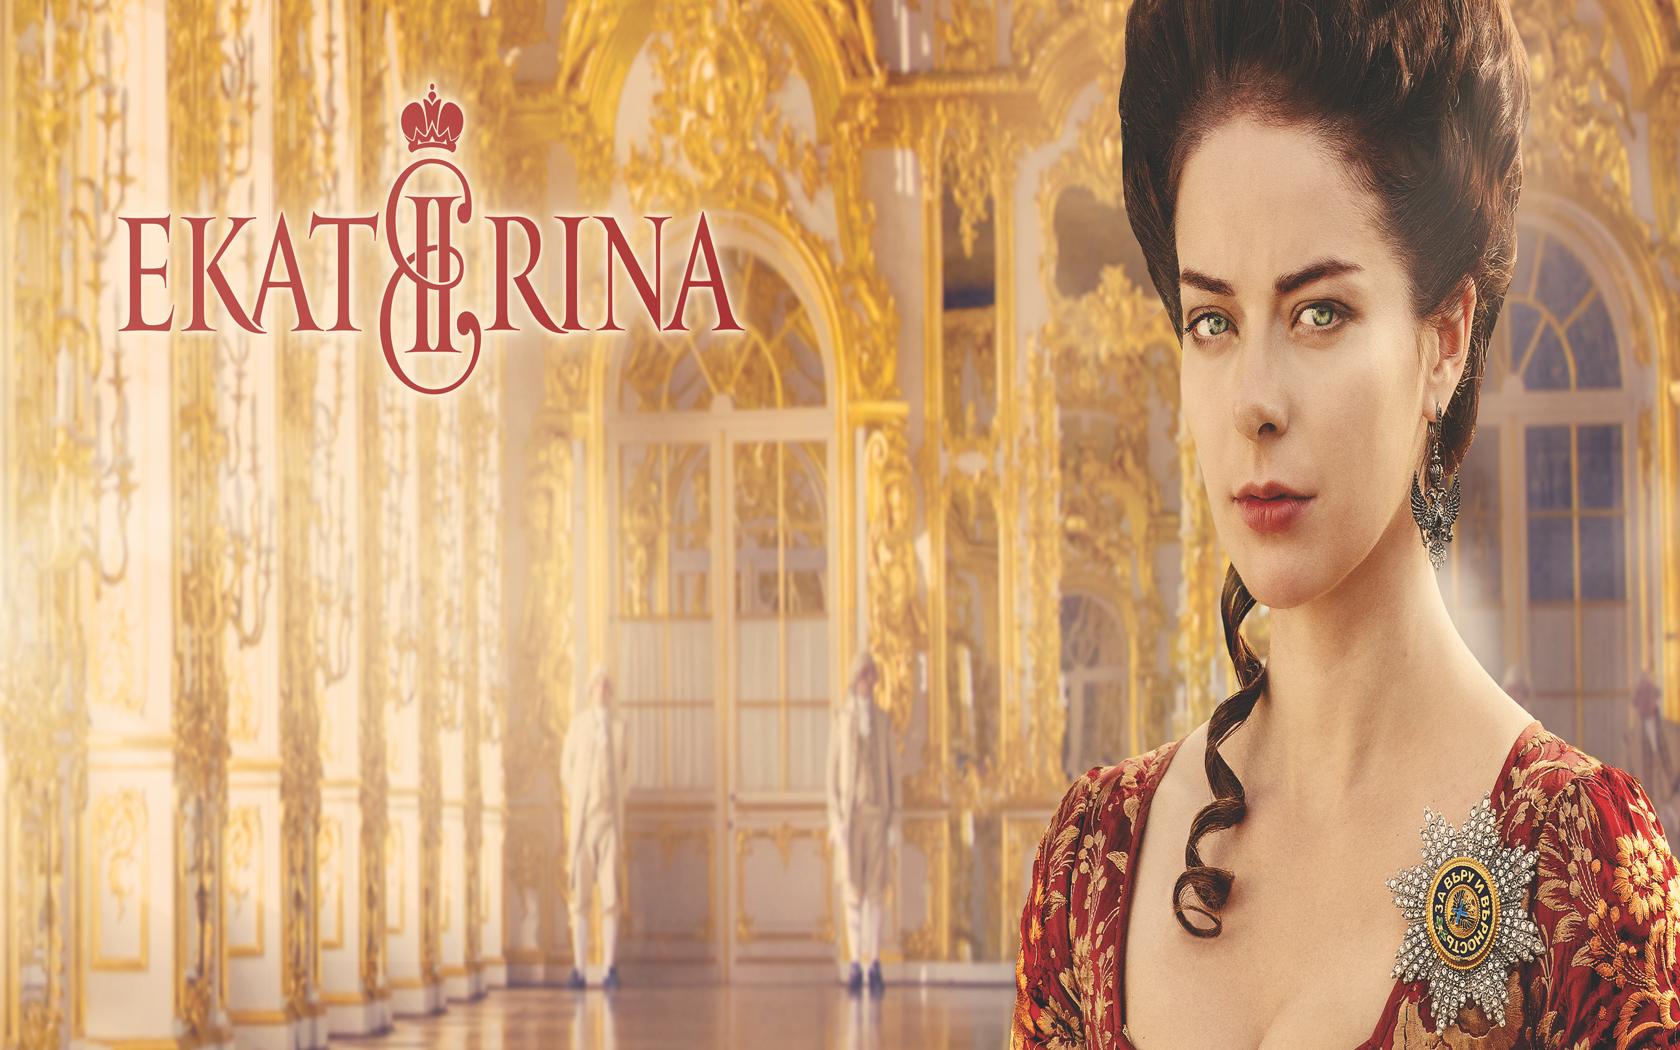 Tanweer - Ekaterina aka Екатерина